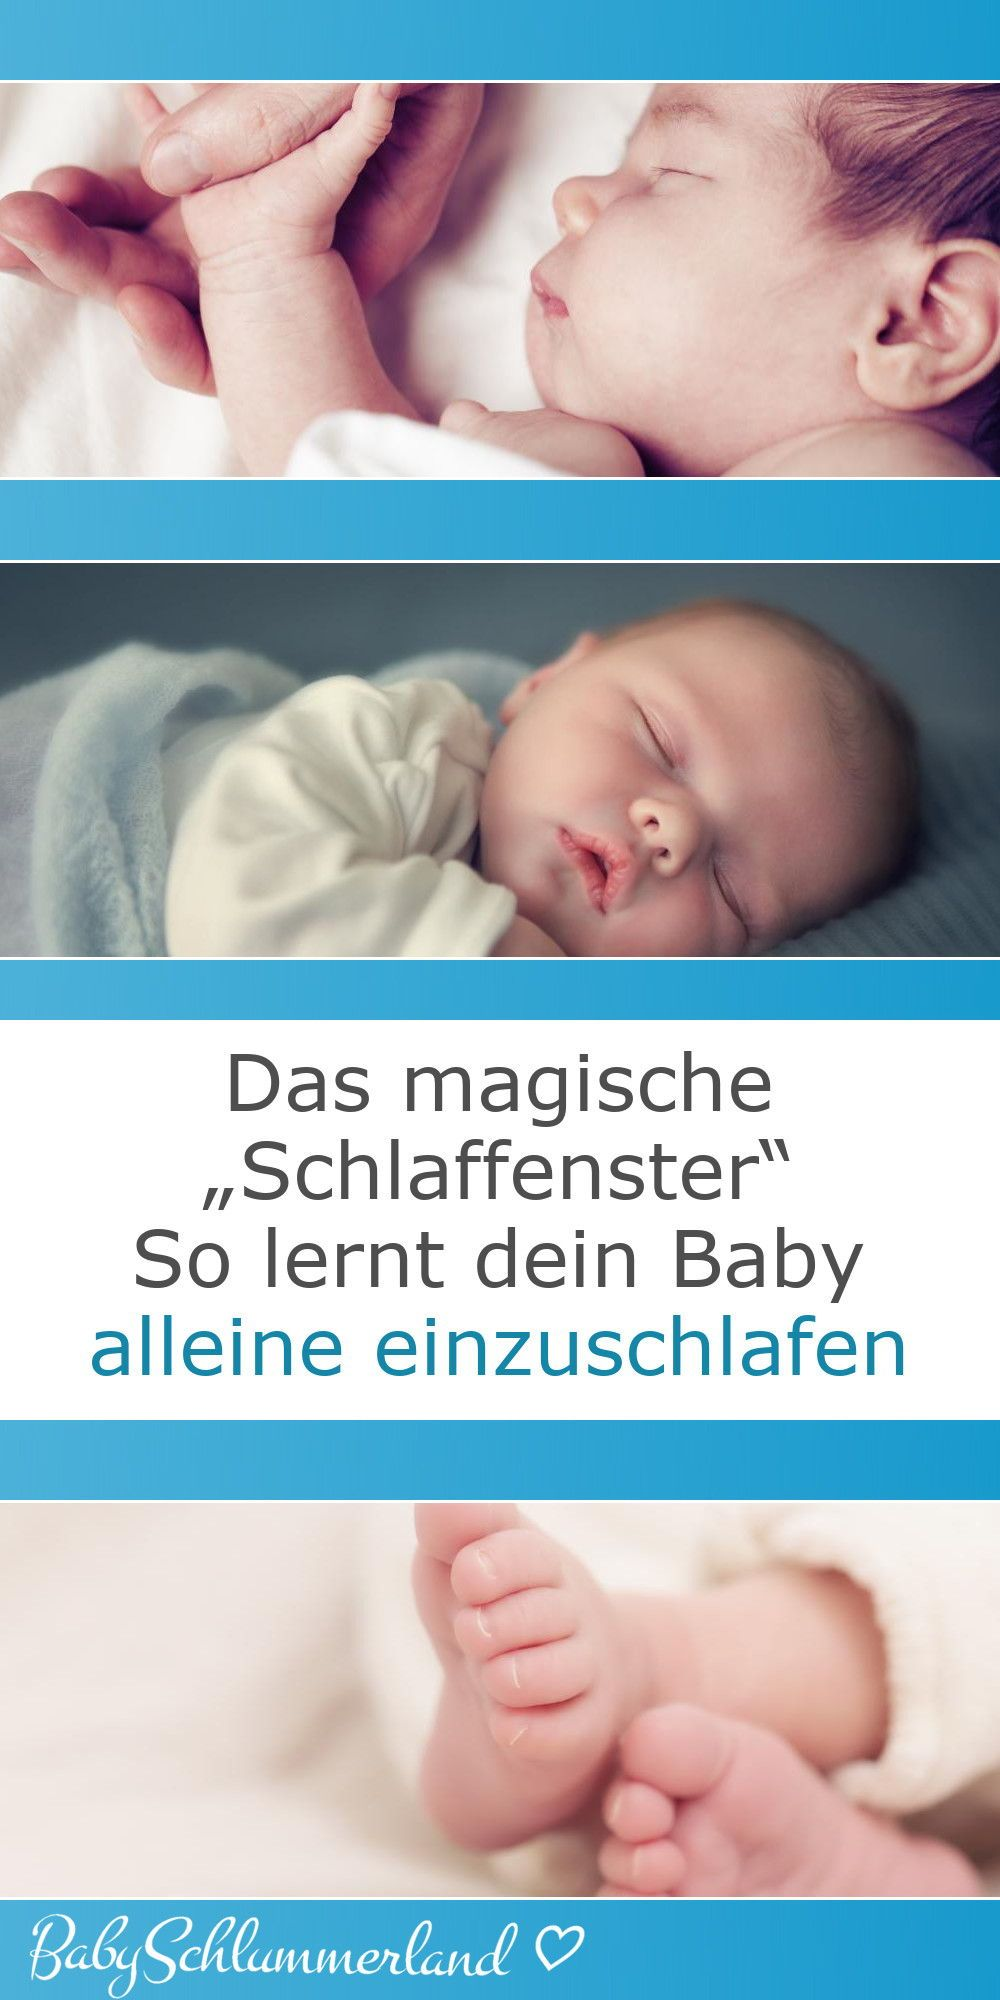 ♥ Wie dein Baby lernt, alleine einzuschlafen